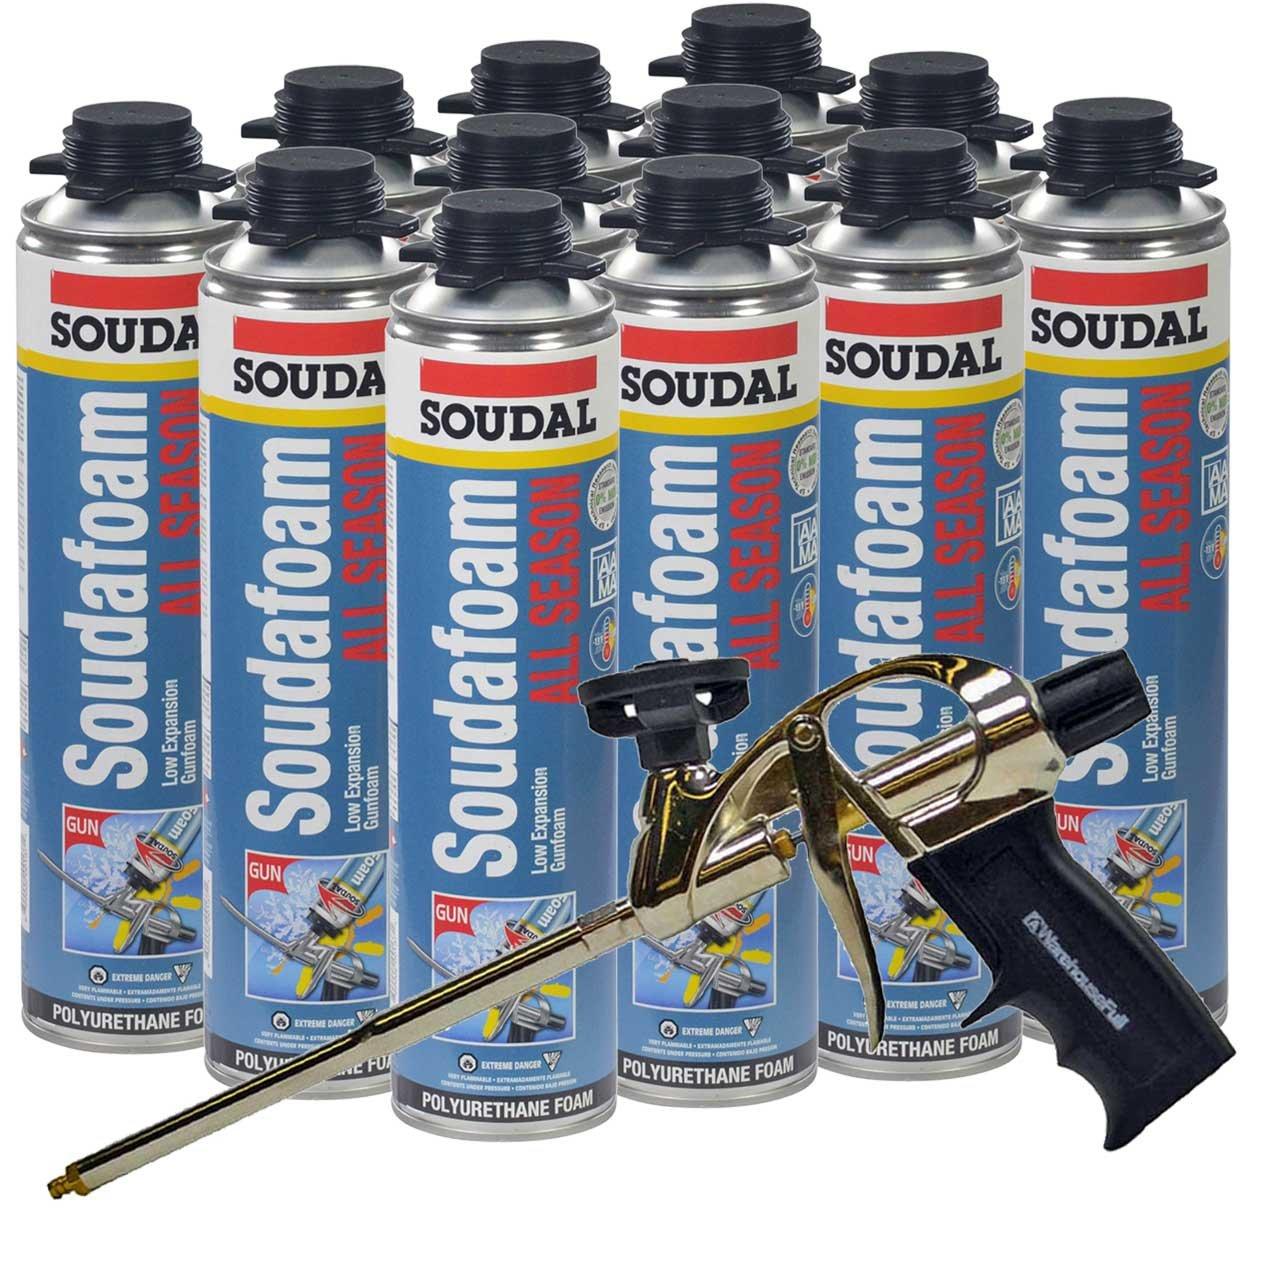 12 Cans Soudal All Season Window & Door Foam, plus AWF Pro Foam Gun